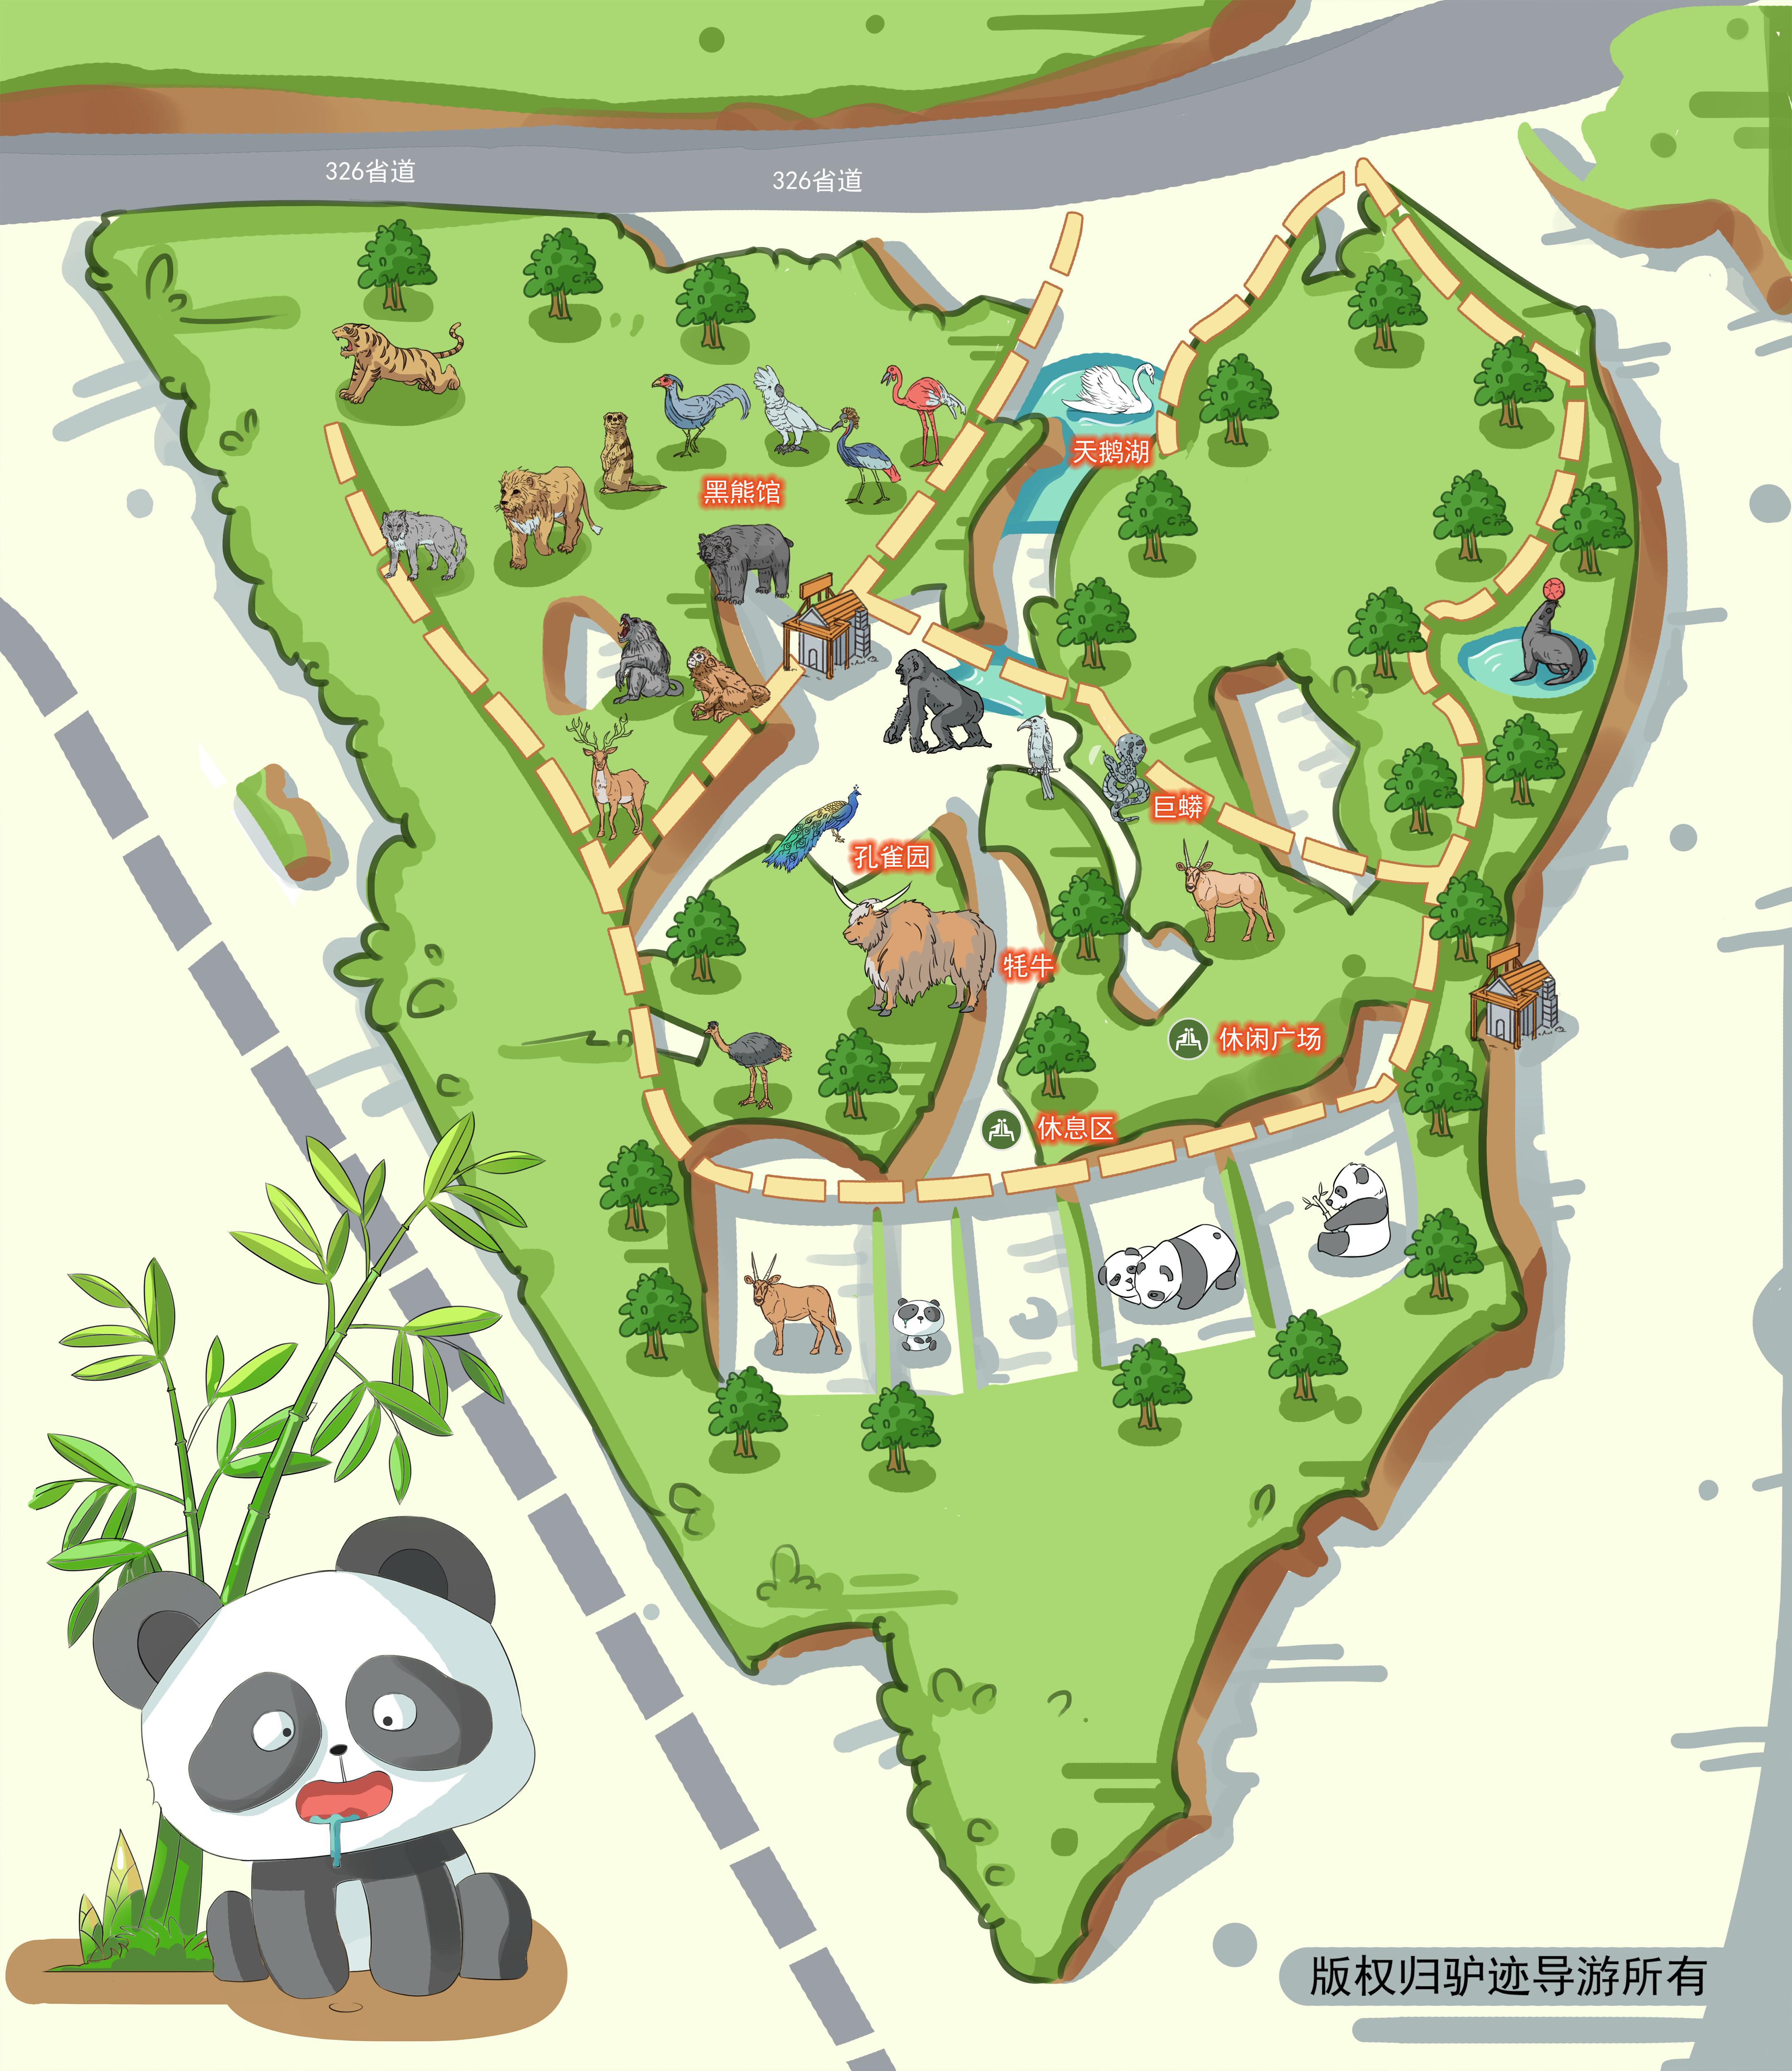 休宁大熊猫生态乐园手机导游【全景地图,园内导航,线路推荐,自动讲解